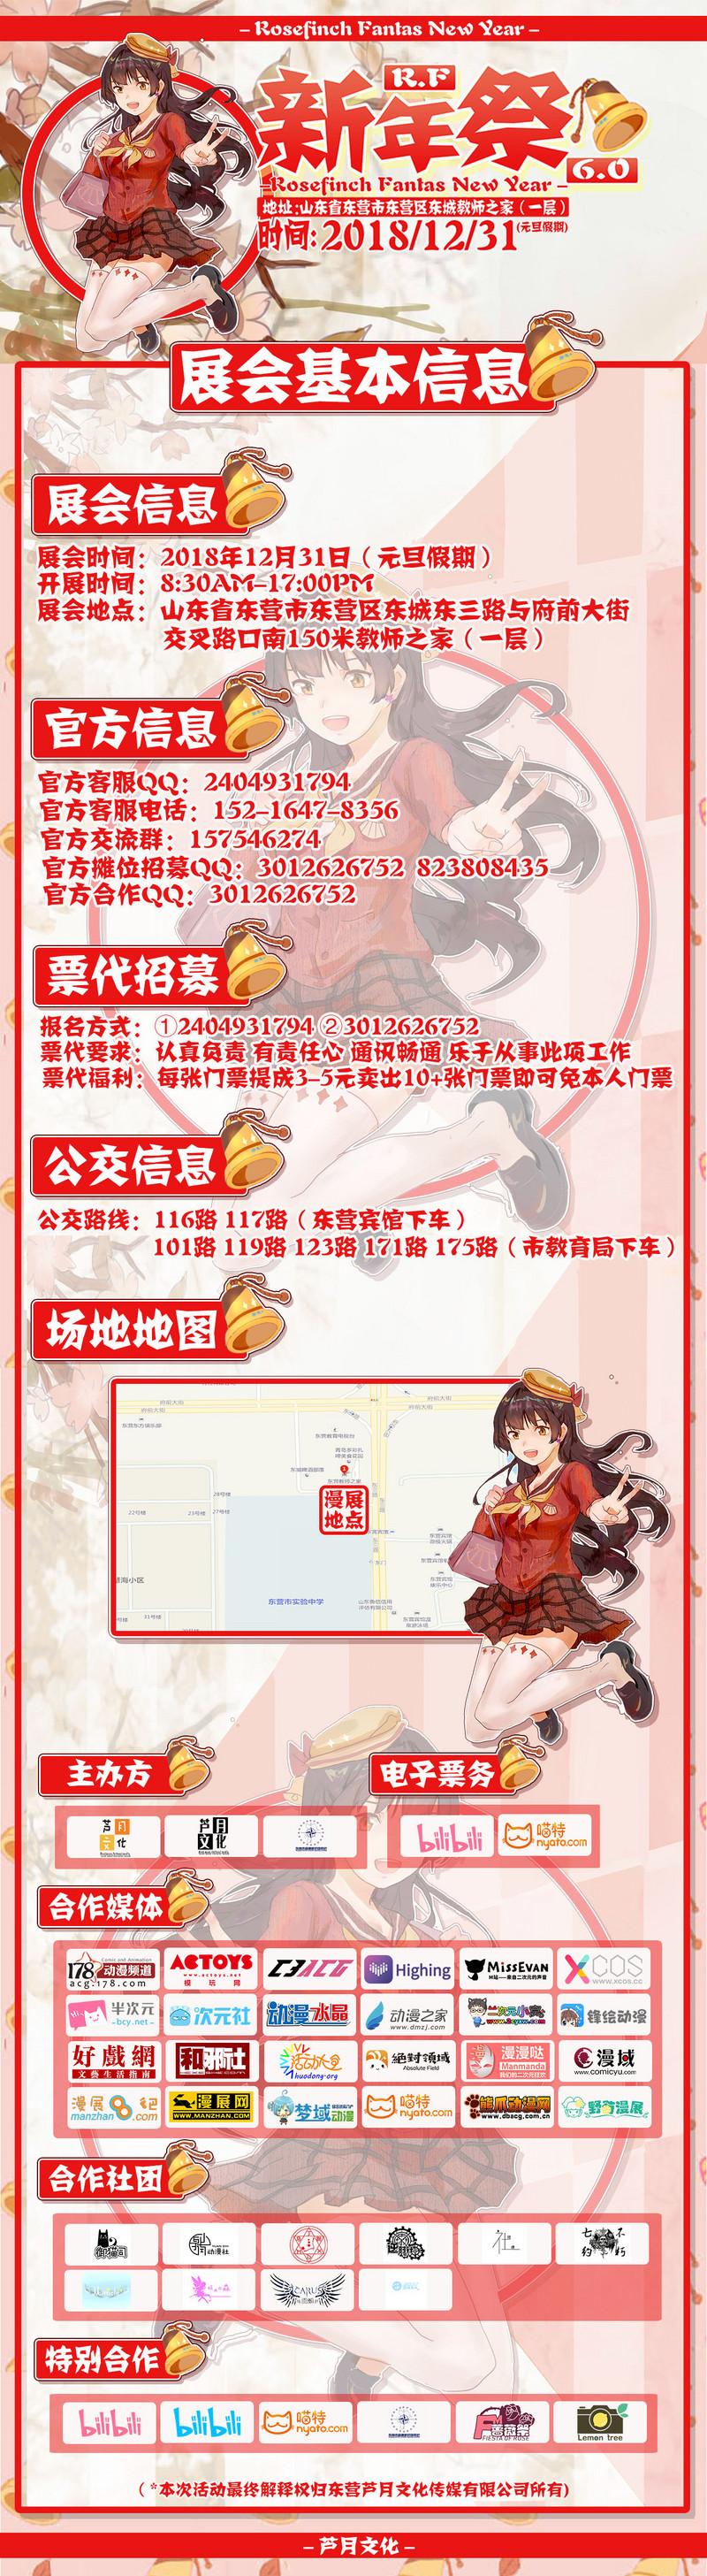 【三宣】RF新年祭6.0 现场活动情报大揭秘-C3动漫网